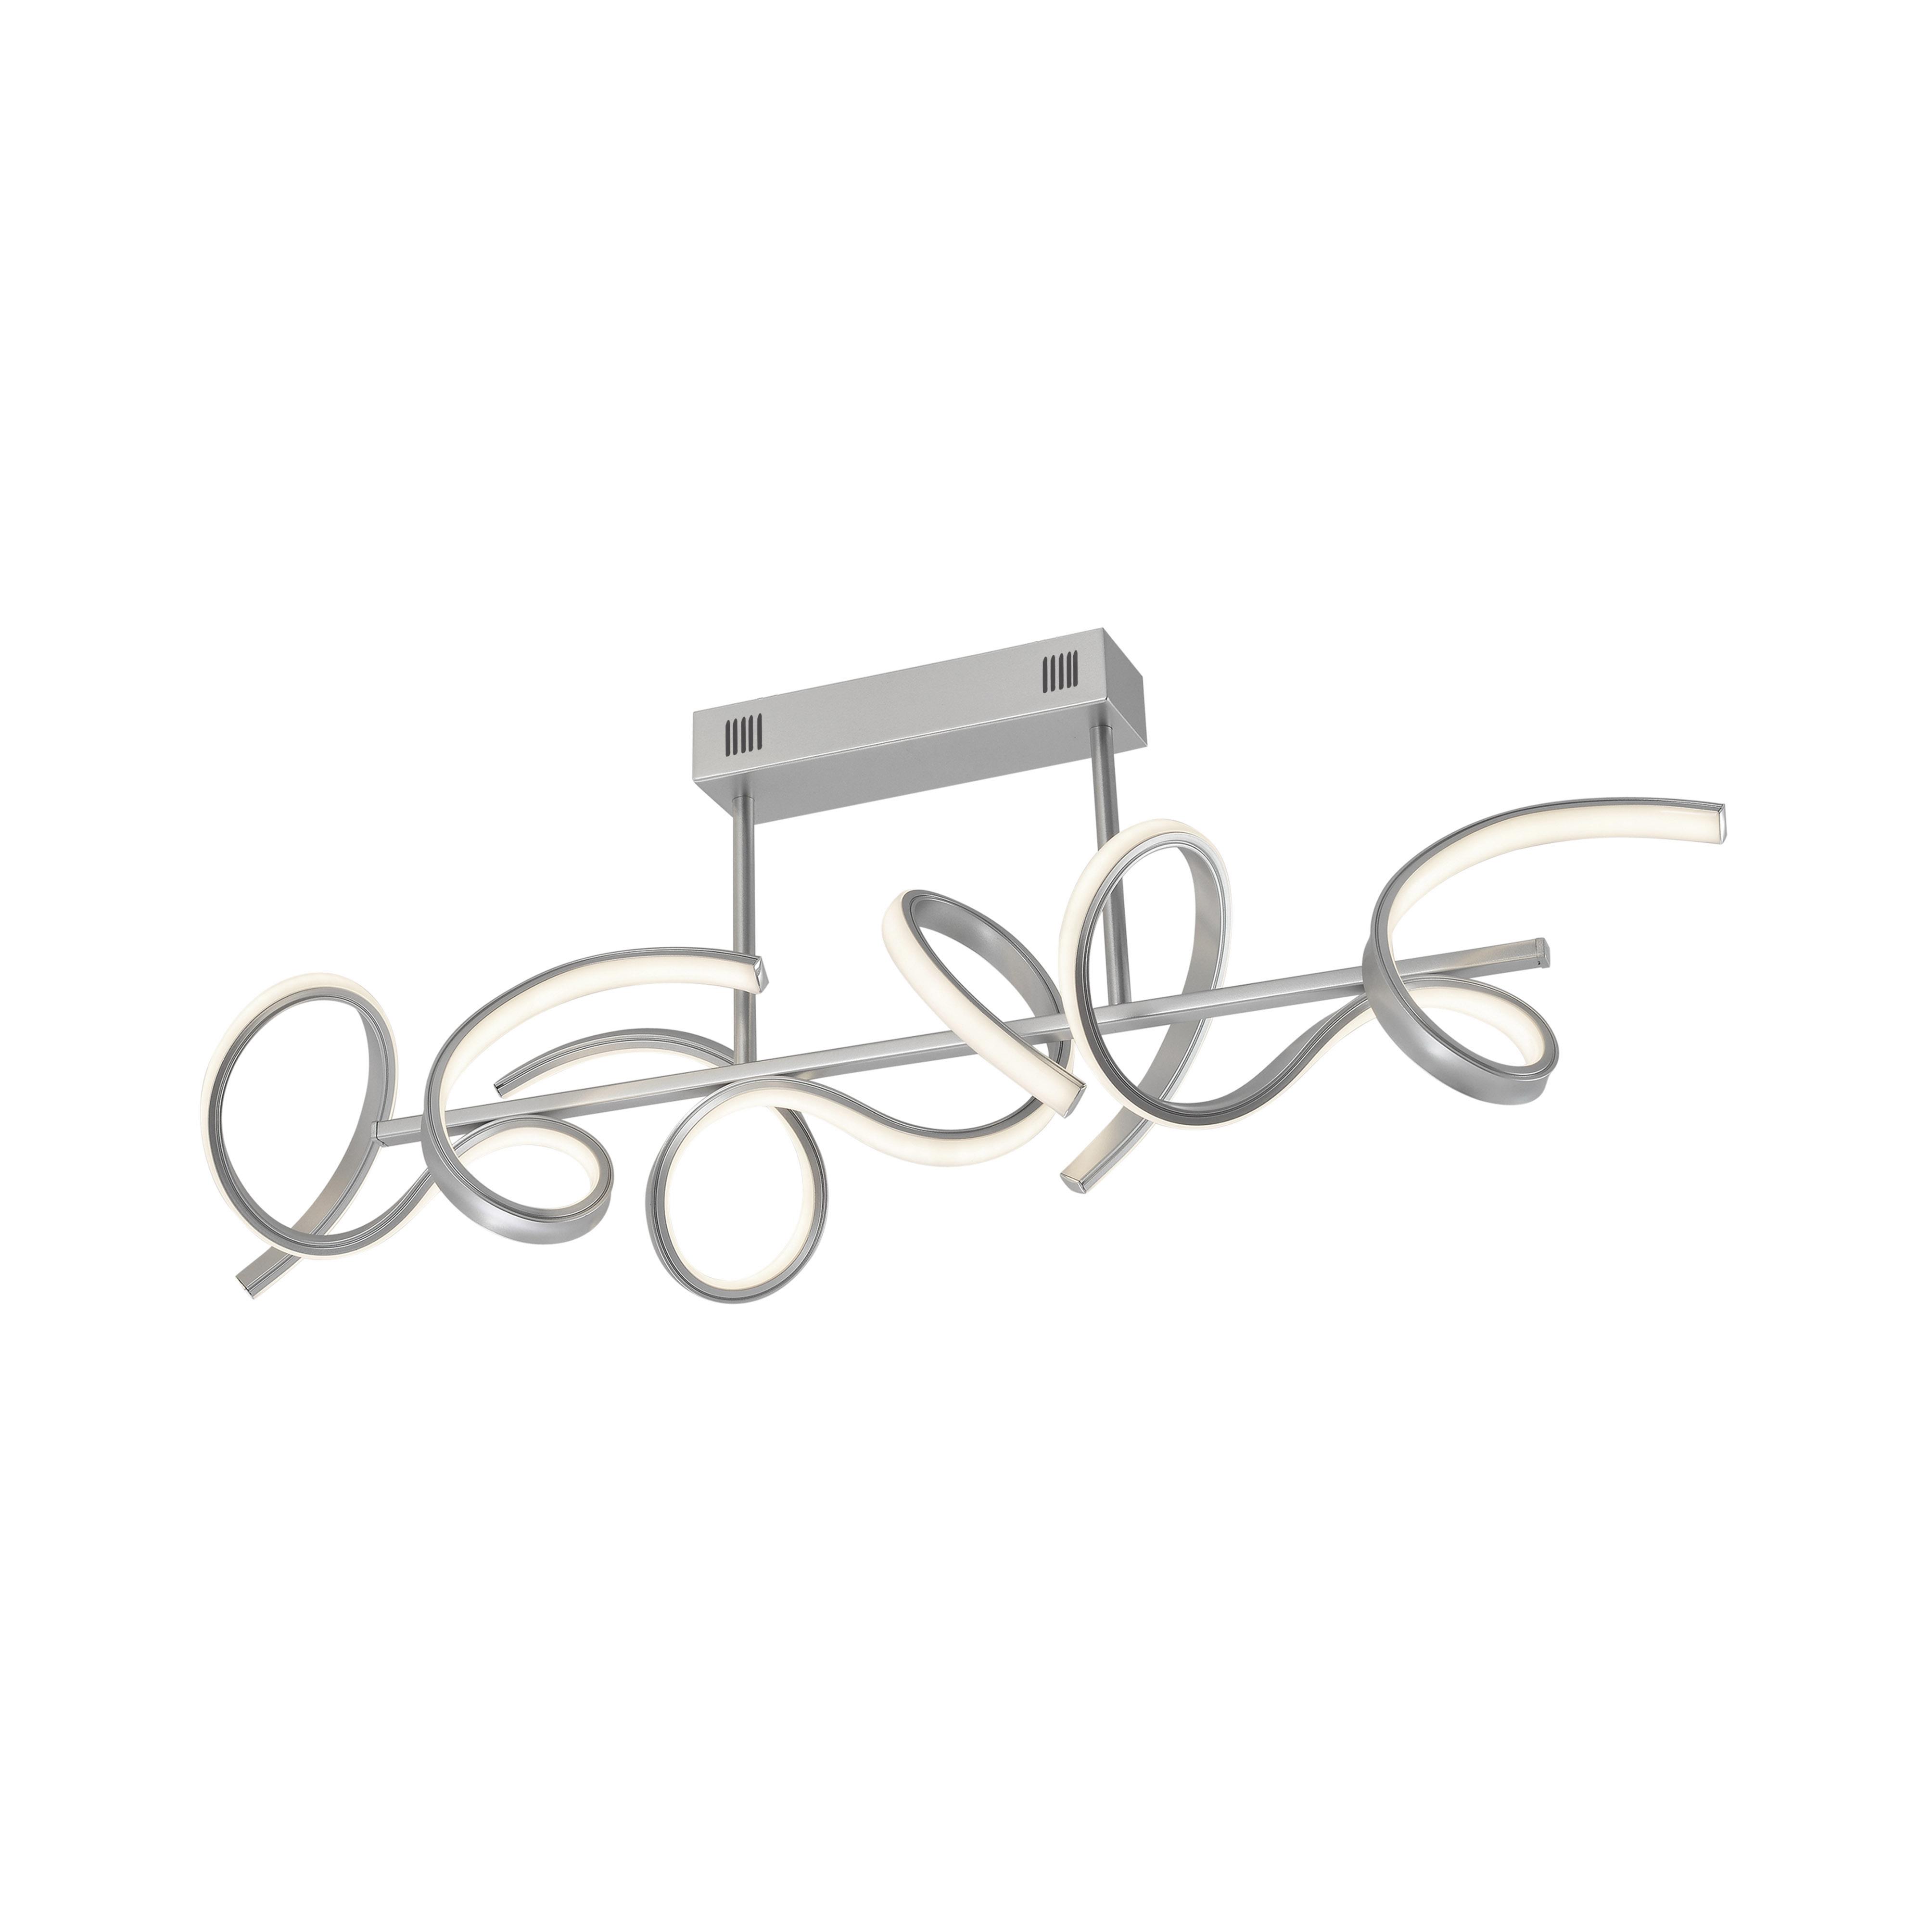 Design plafondlamp zilver dimbaar incl. LED - Krisscross